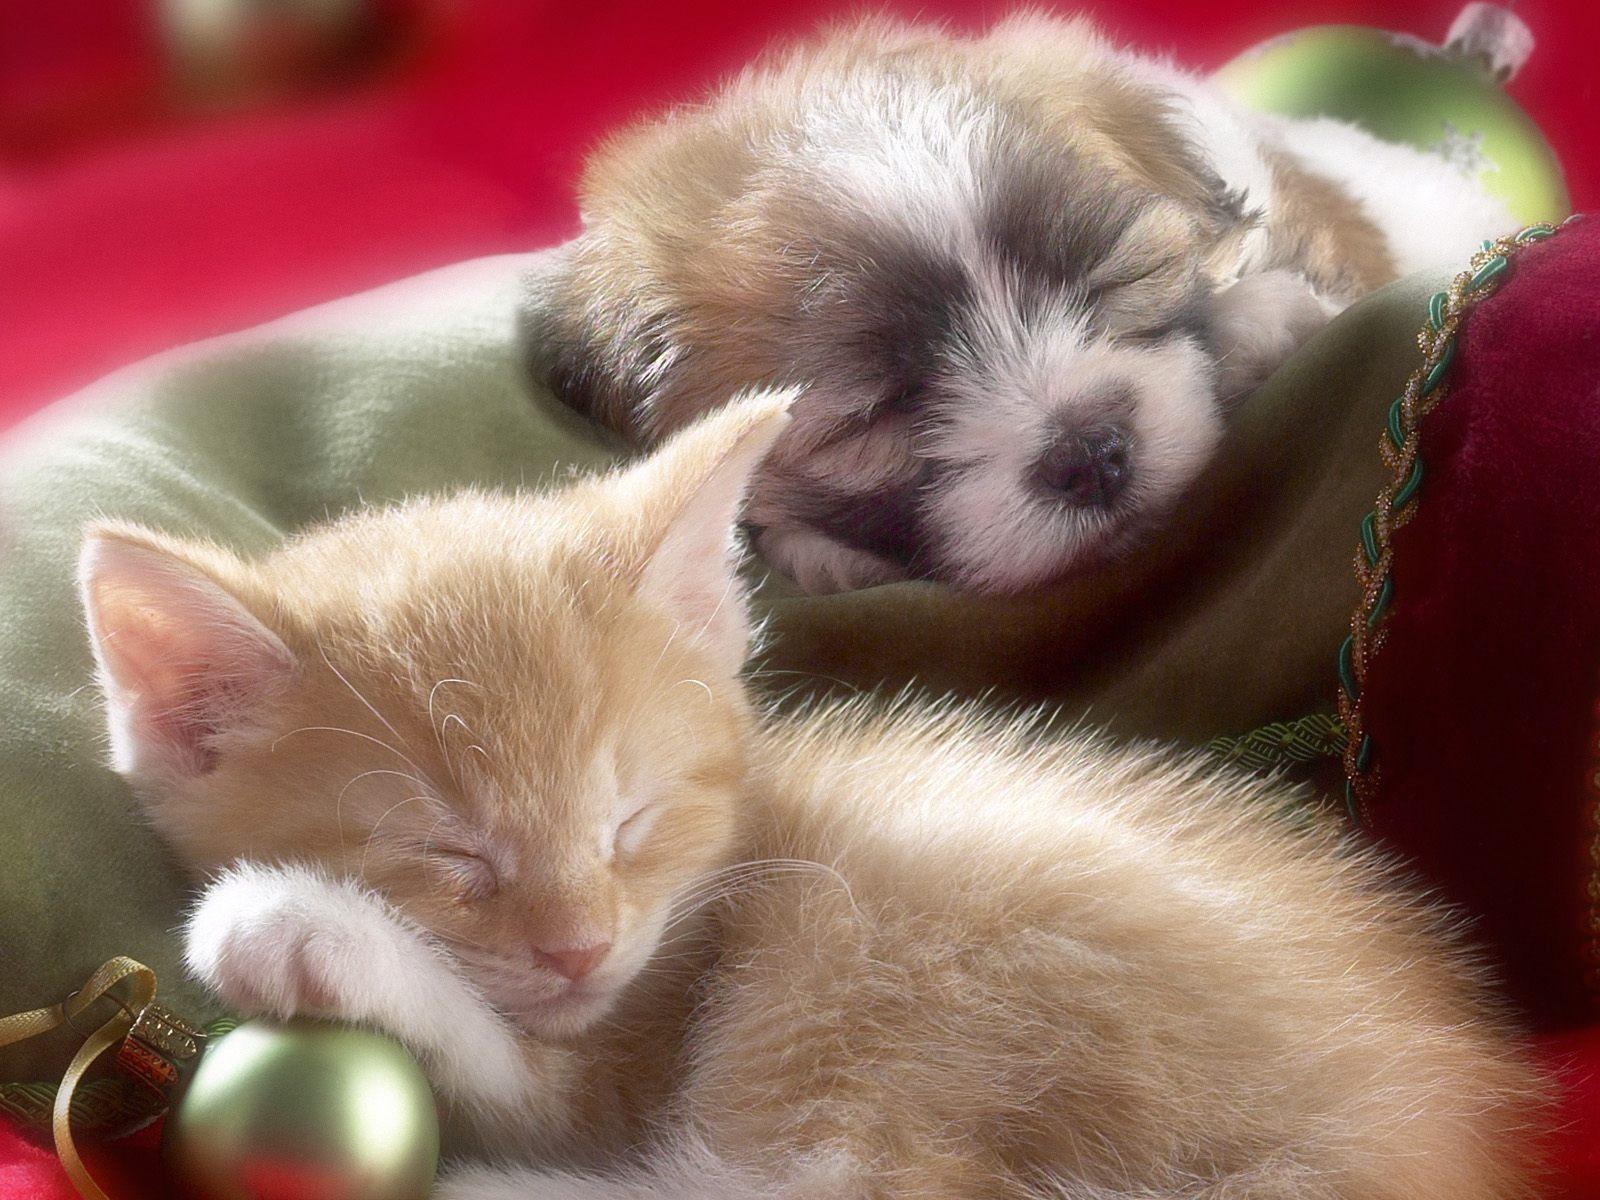 Kitten and Puppy   Kittens Wallpaper 12929278 1600x1200